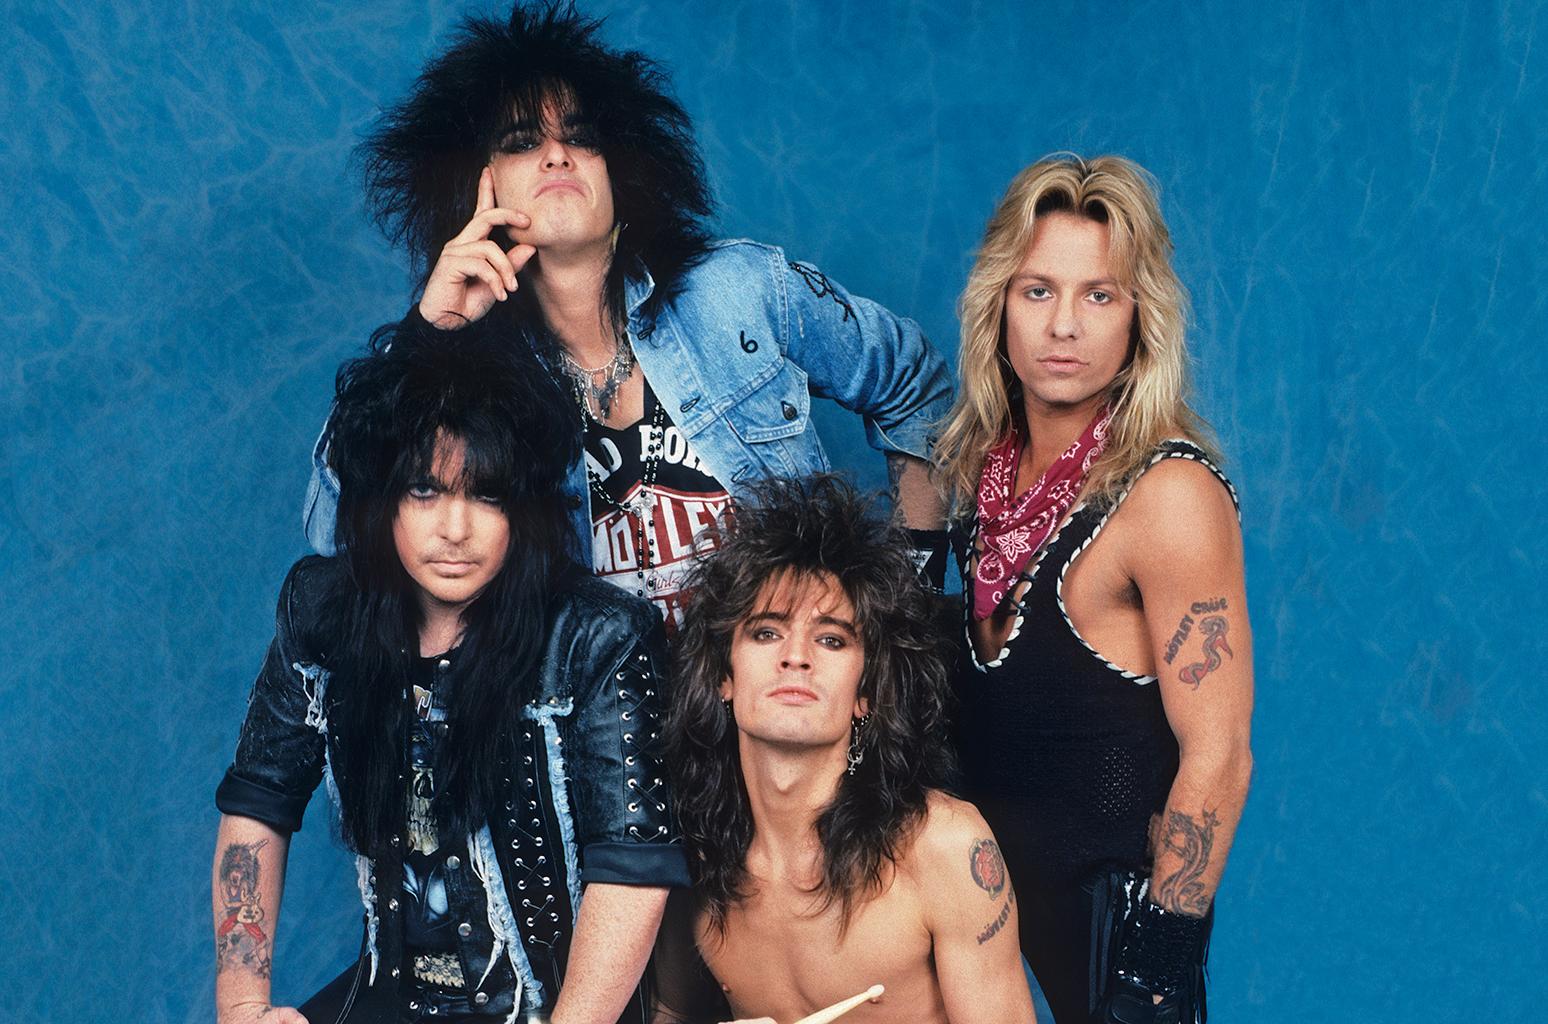 Mötley Crüe - IMDb